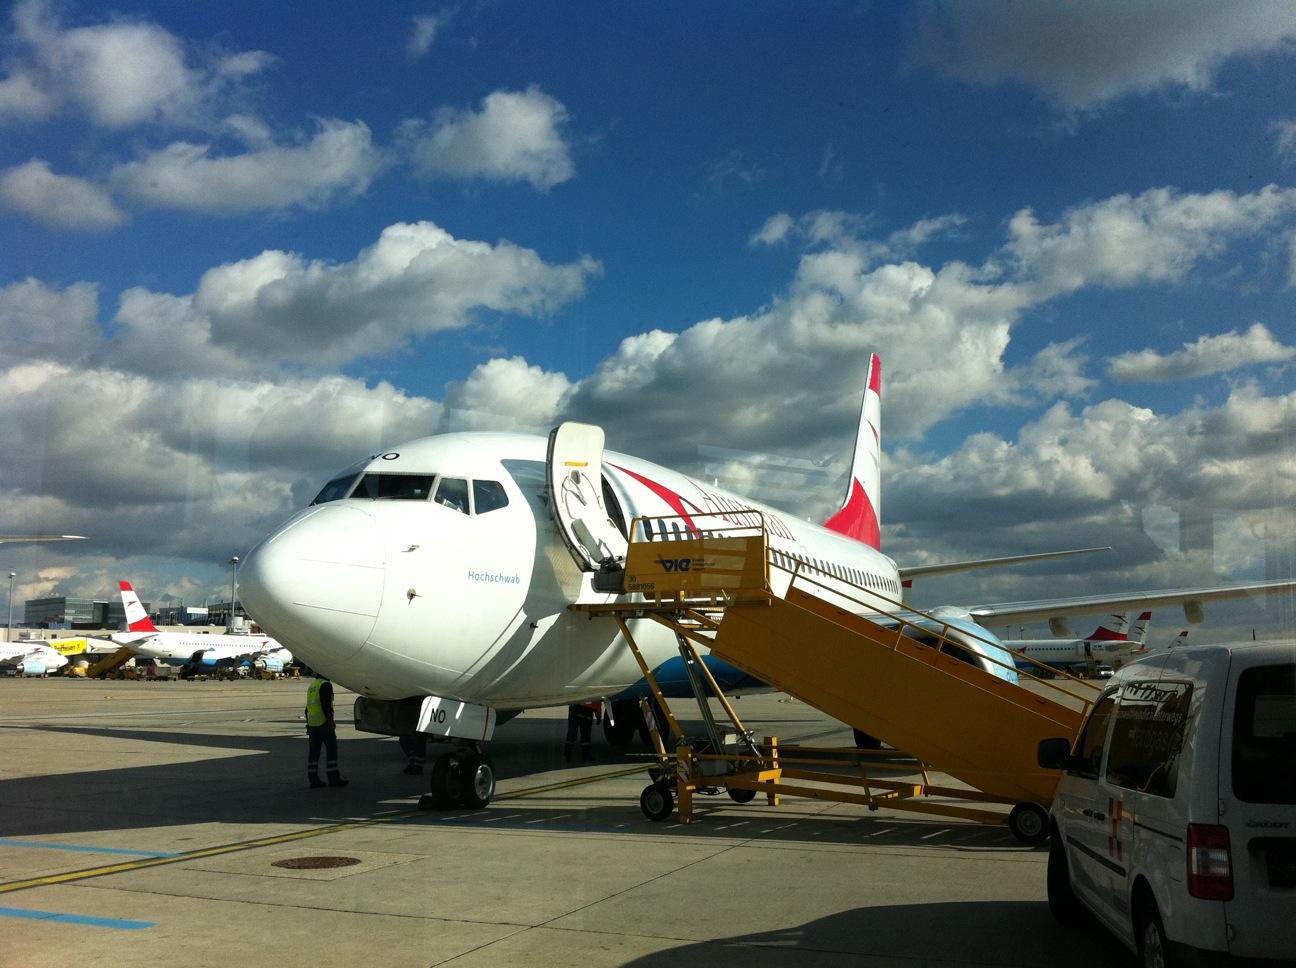 Flug Wien Frankfurt Ankunft